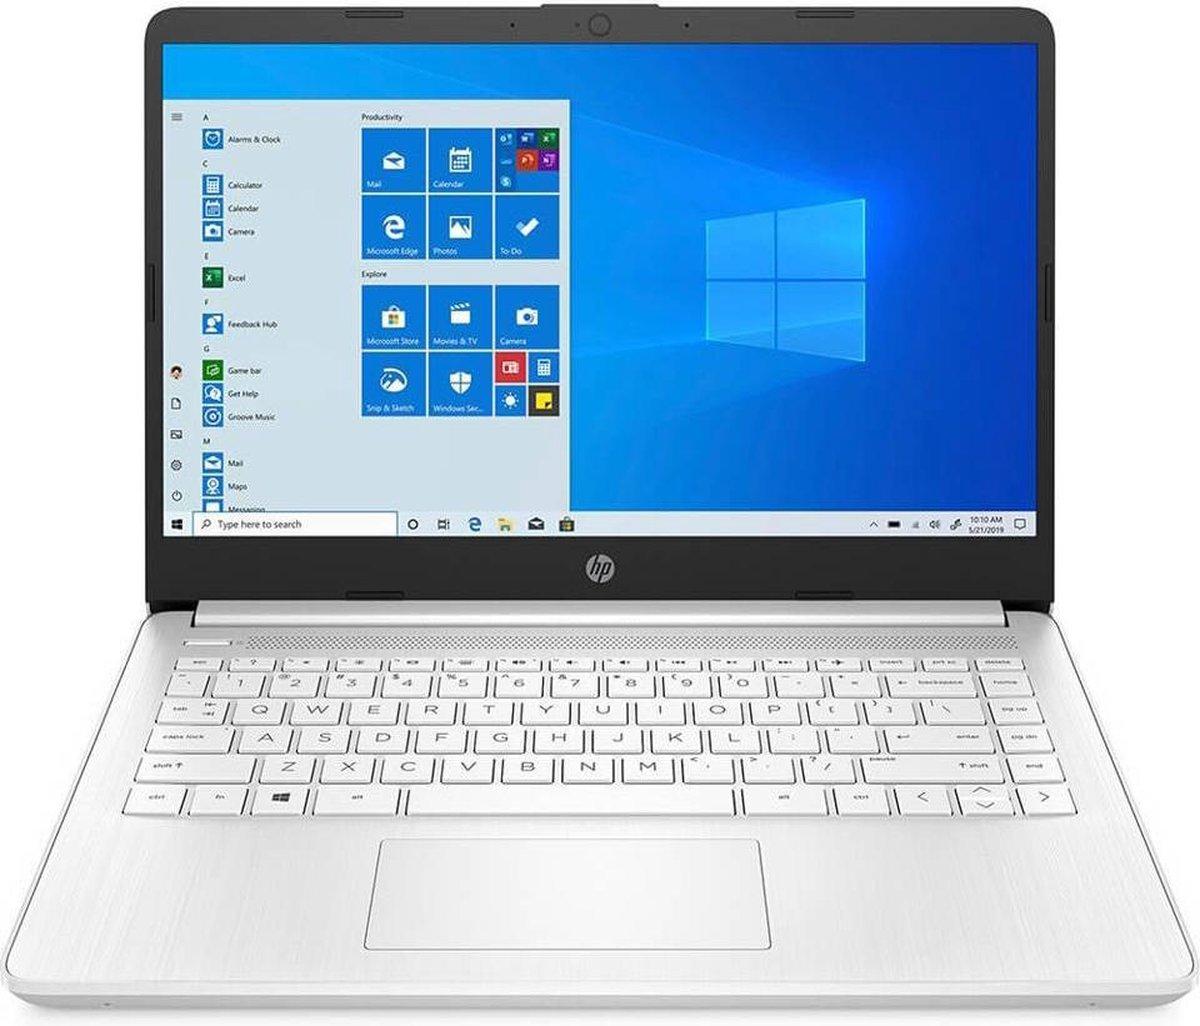 HP 14 inch laptop - AMD Athlon 3020E - 4GB RAM - 128GB SSD - incl. 1 jaar Office 365 Personal & GRATISBullGuard Antivirus t.w.v €60! (1 jaar, 3 apparaten)